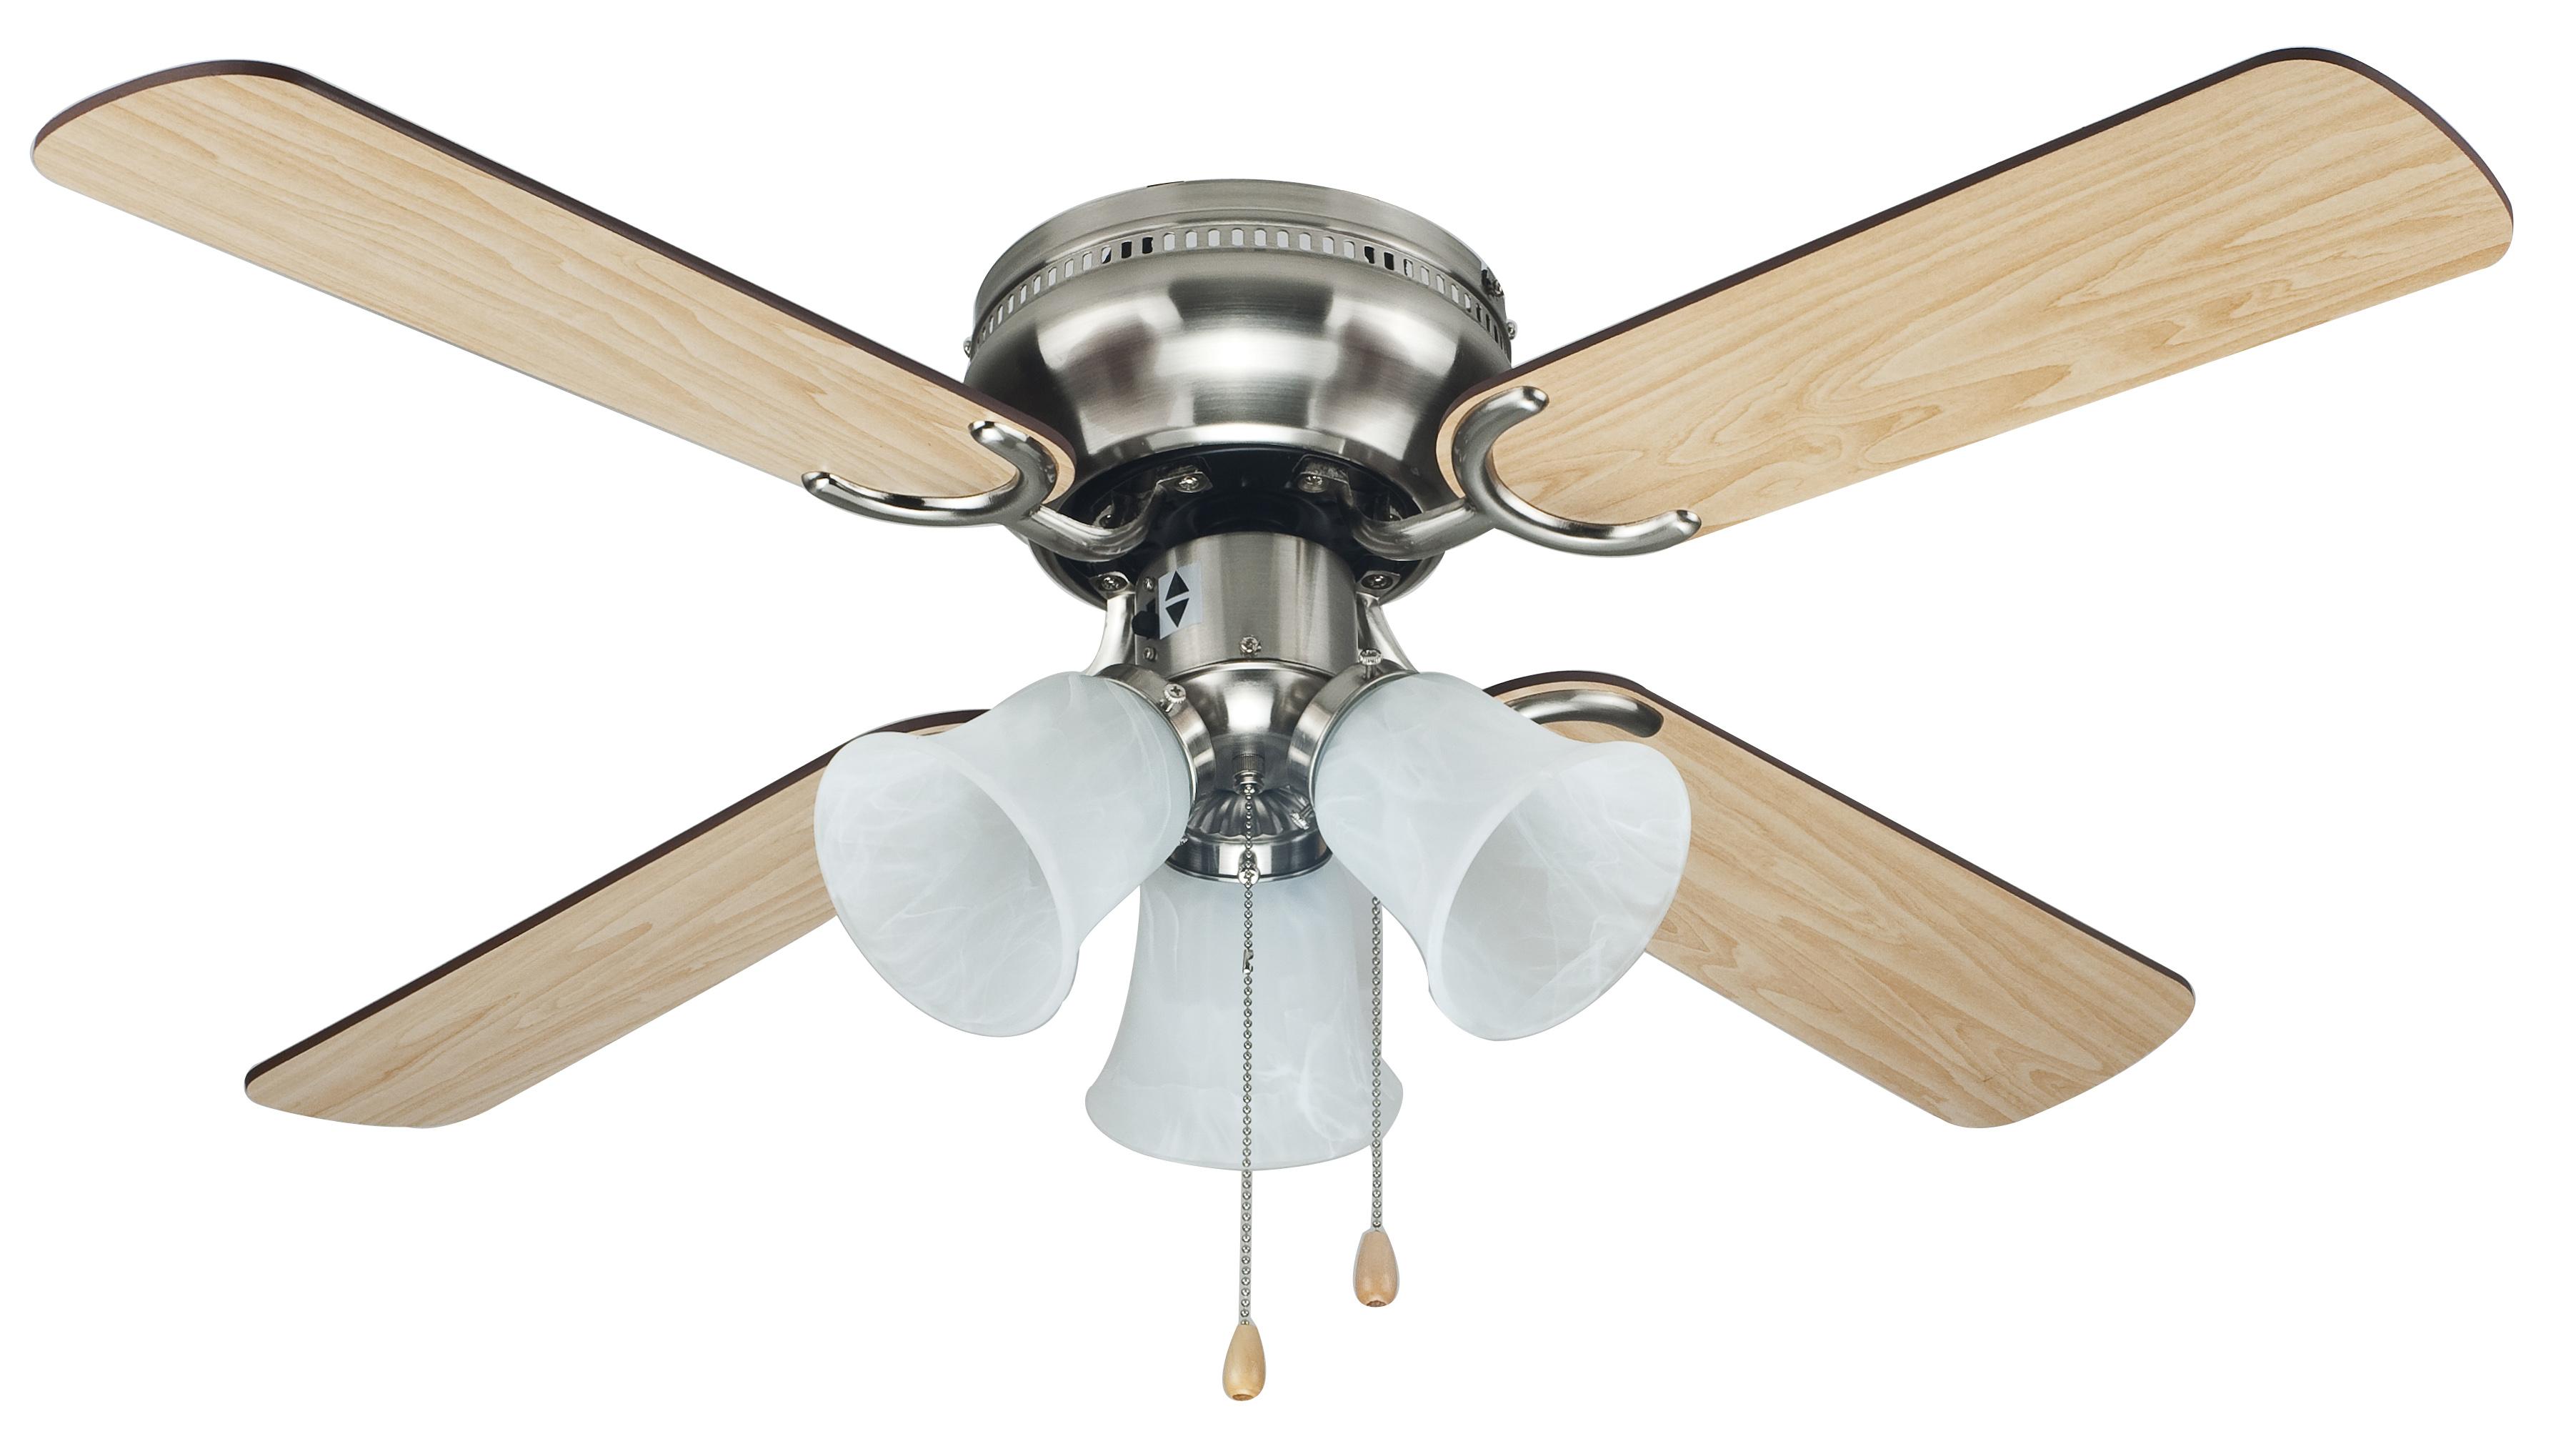 cool~breeze 42in brushed nickel ceiling fan - appliances - fans - ceiling WQMCBBV